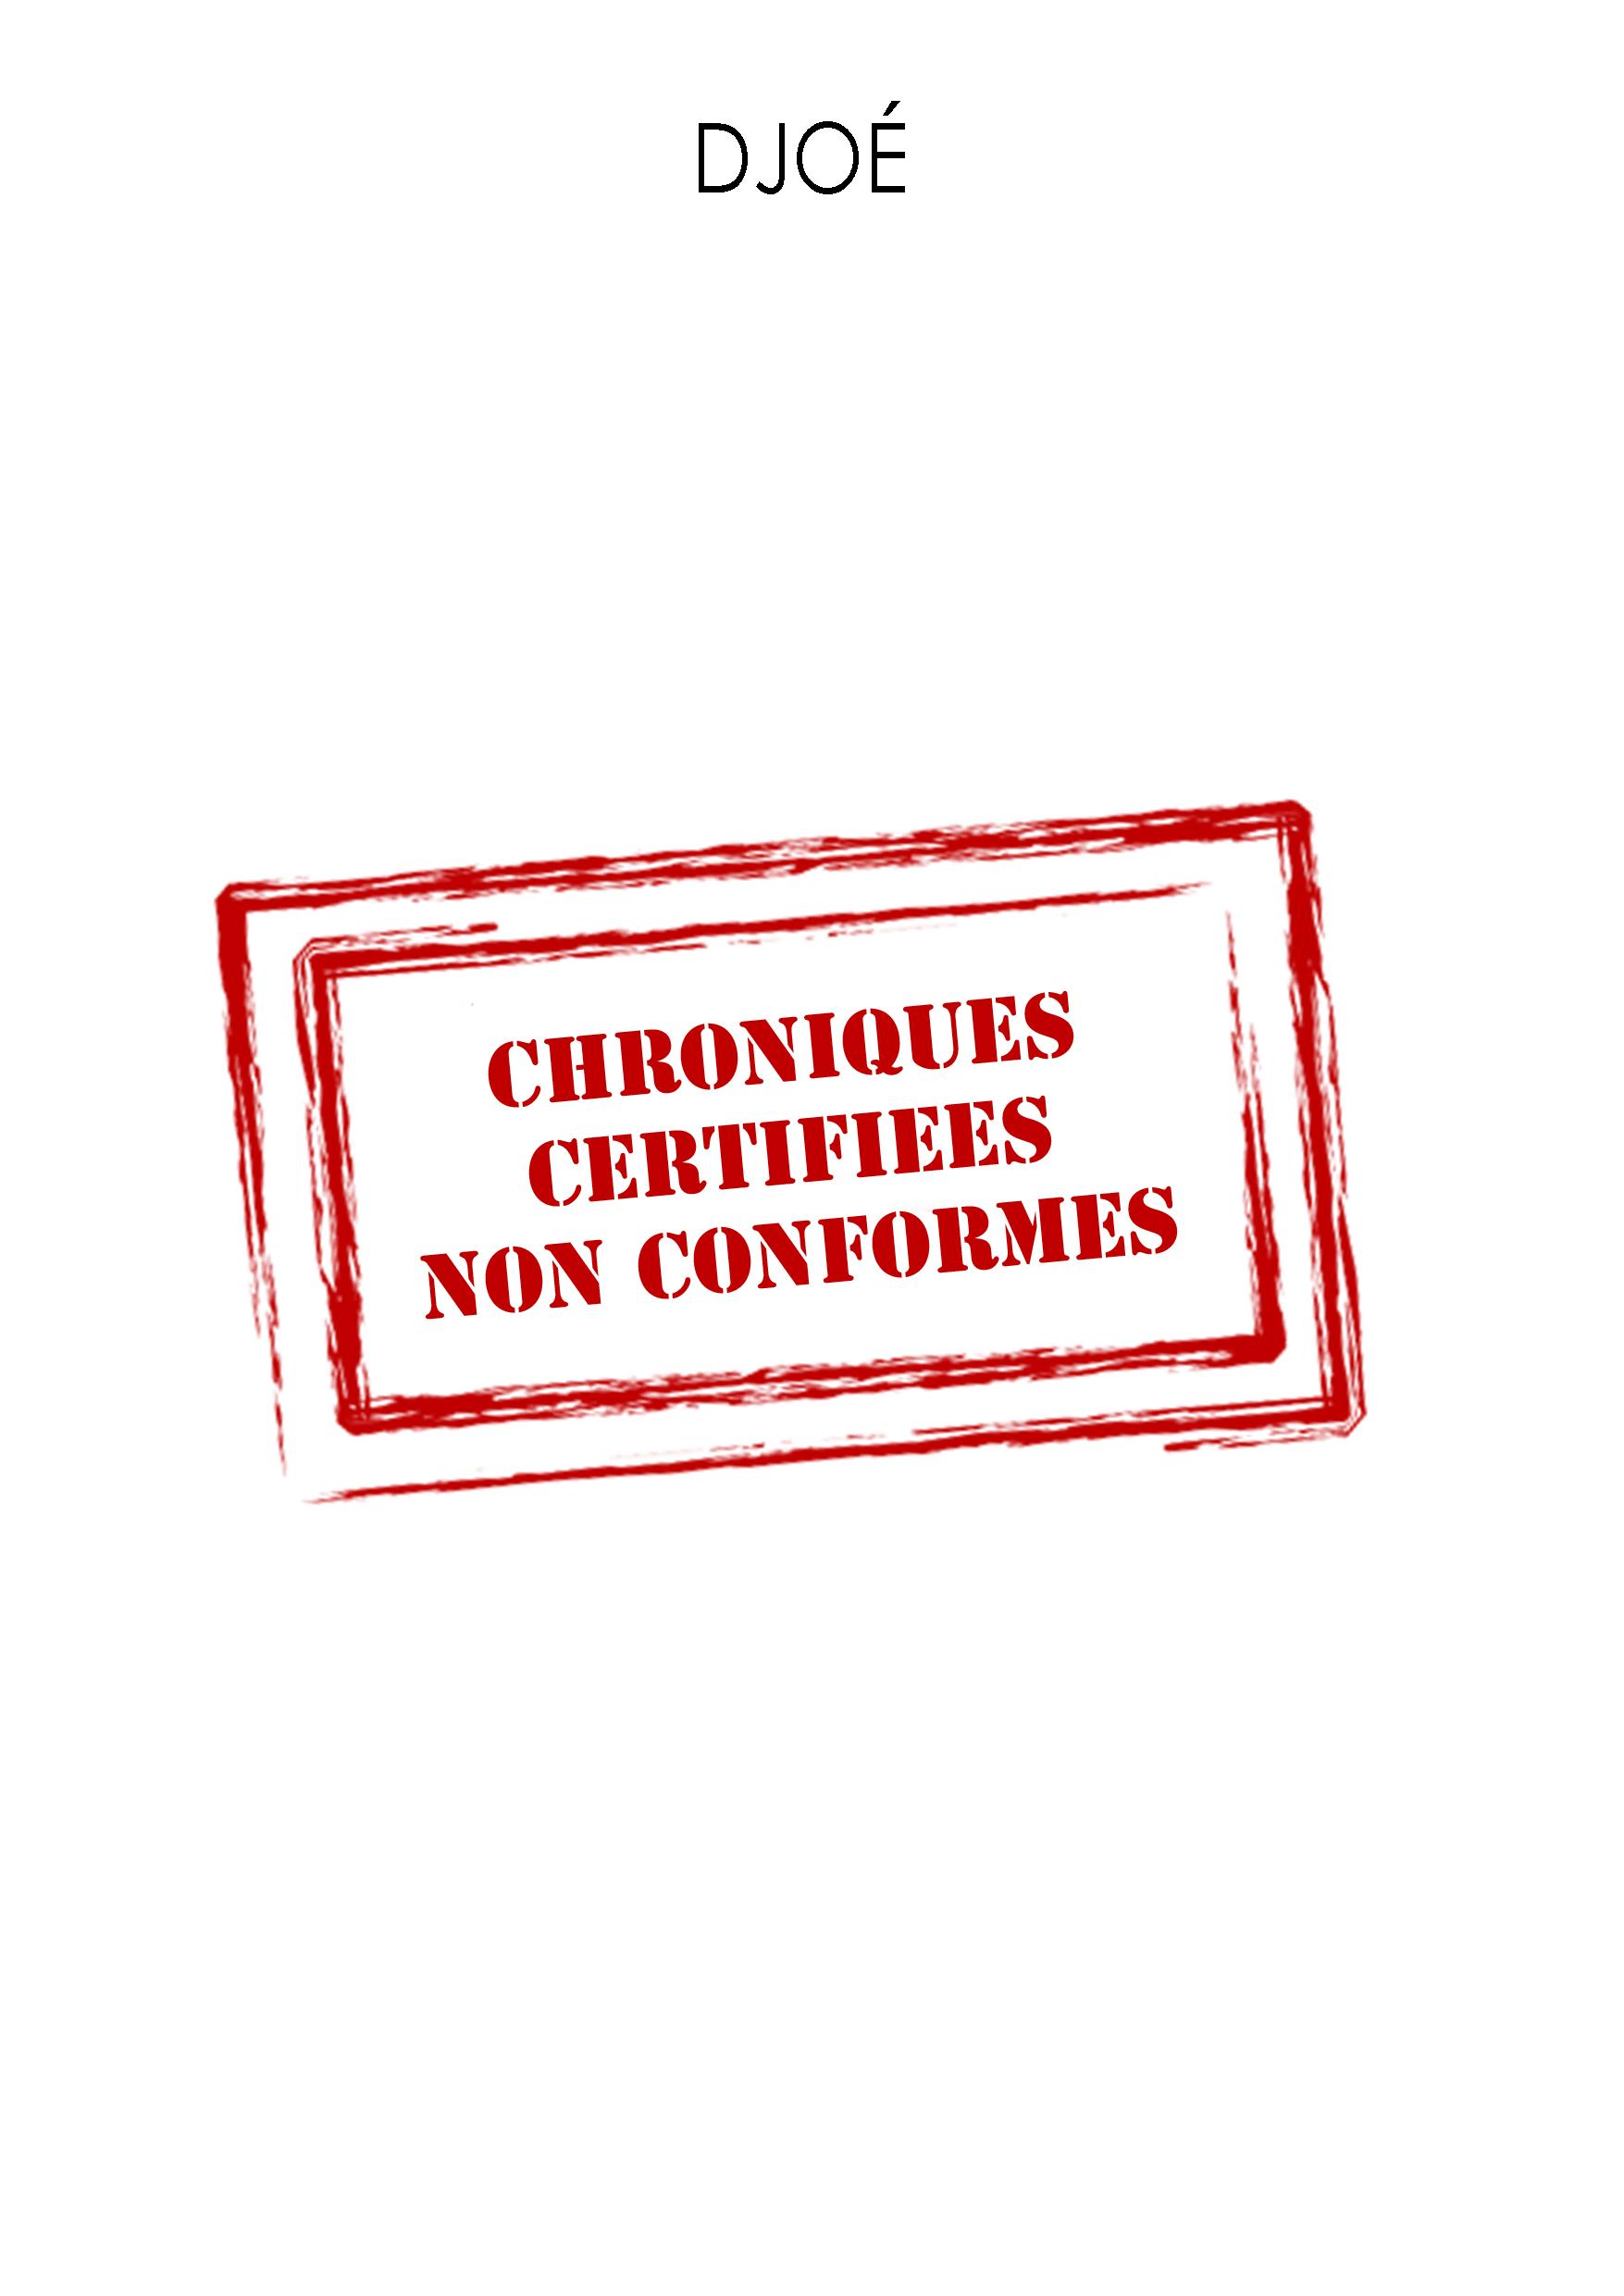 Chroniques certifiées non conformes